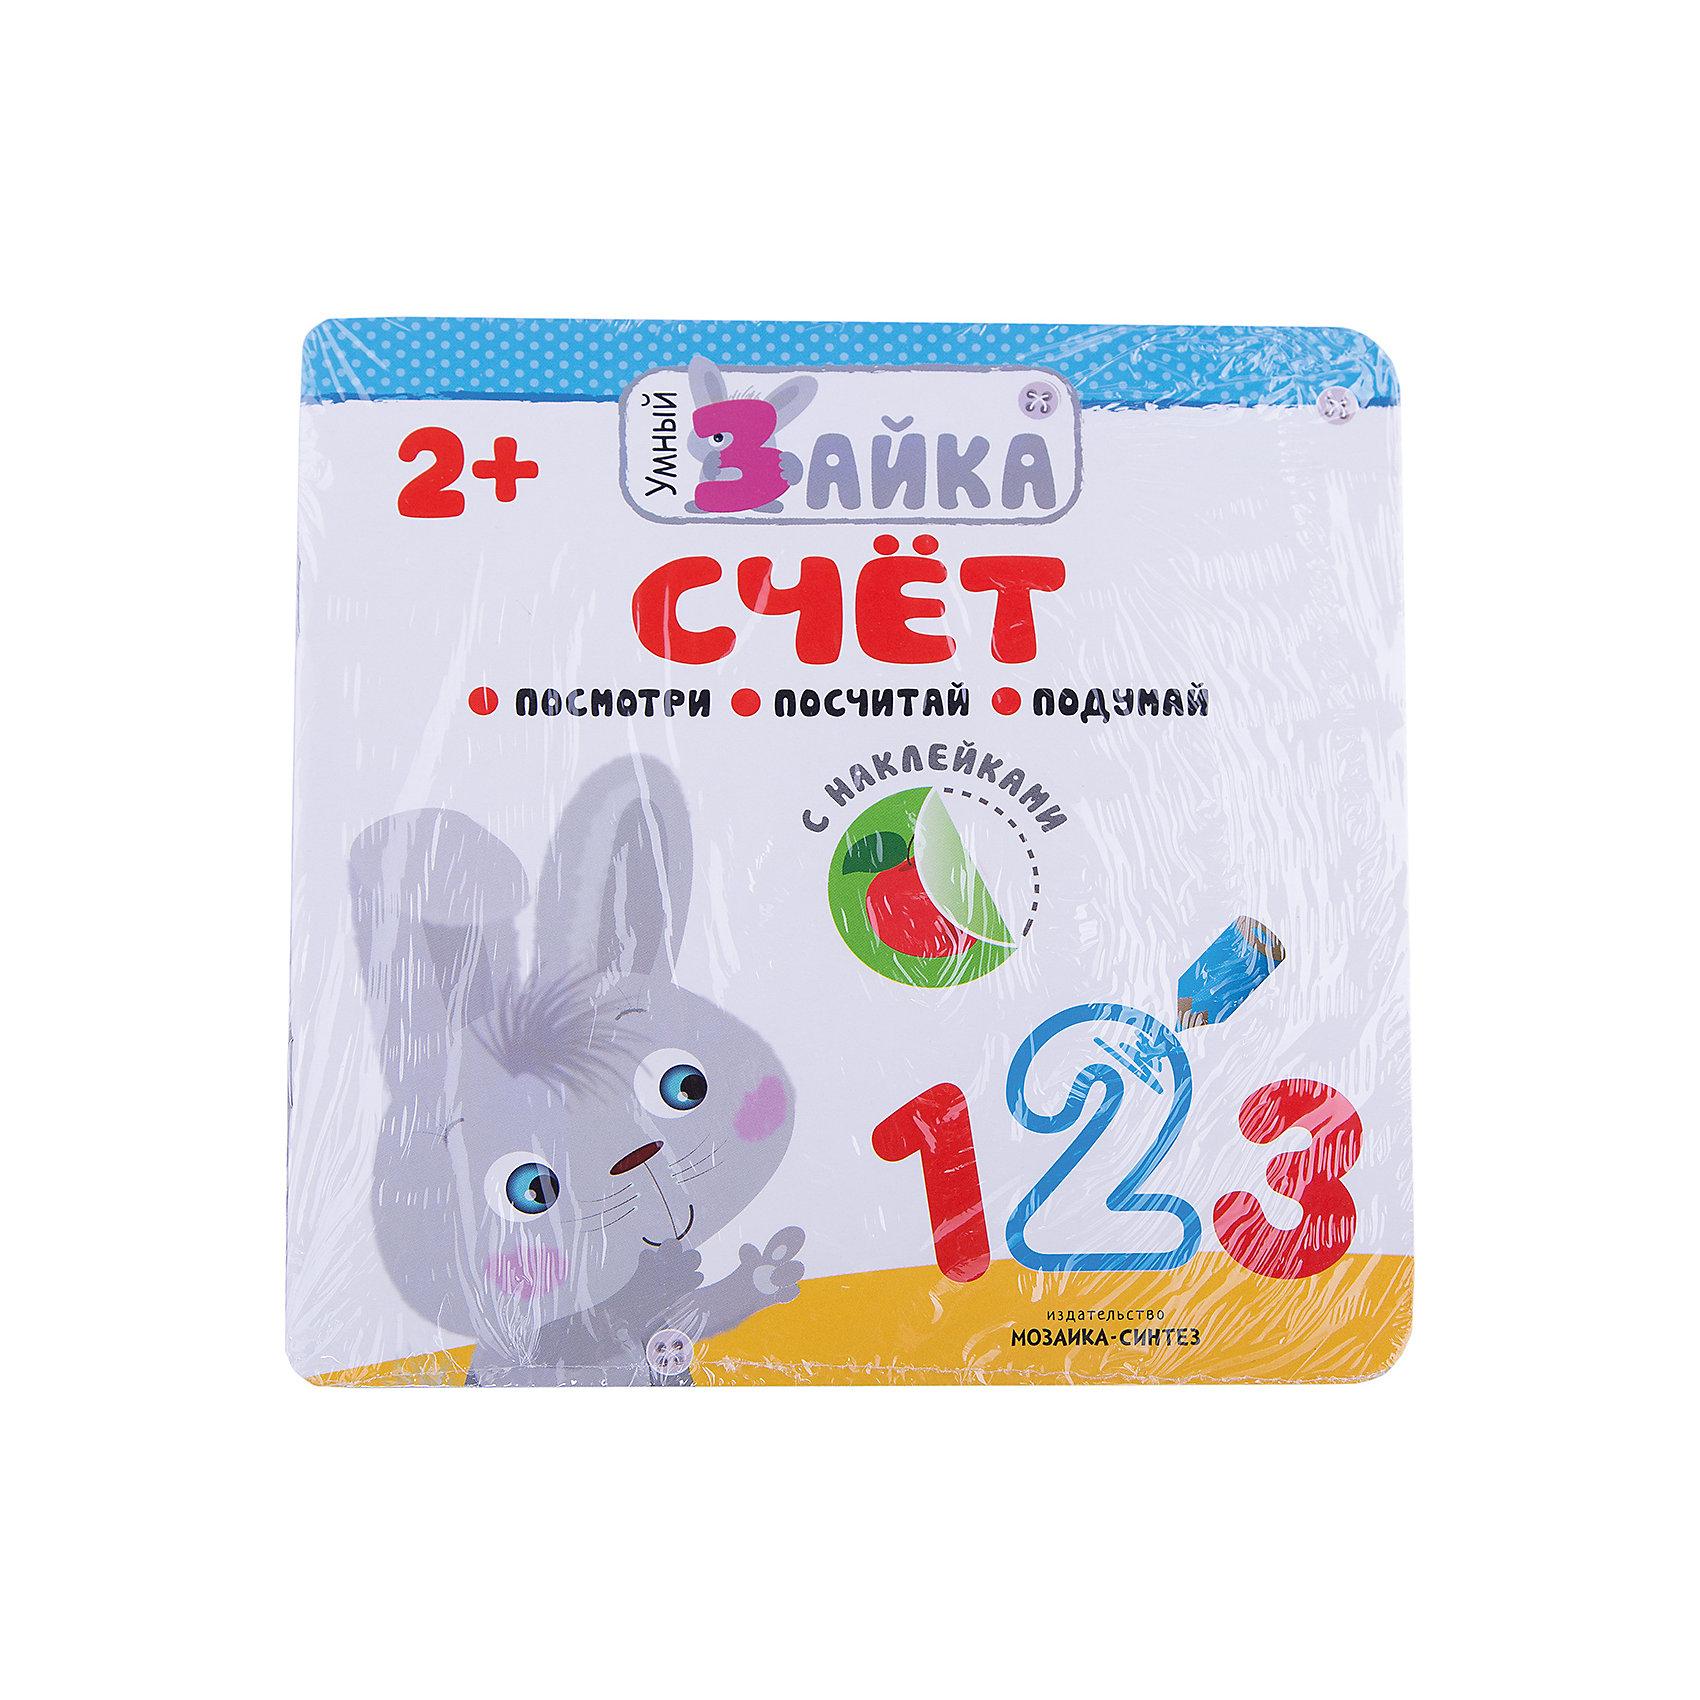 Счет, Умный зайкаПособия для обучения счёту<br>Характеристики книги Счет:<br><br>• возраст: от 2 лет <br>• пол: для мальчиков и девочек<br>• материал: бумага <br>• комплект: книжка, наклейки.<br>• количество страниц:12<br>• размер 22.5 x 22.5 см.<br>• тип обложки: мягкая.<br>• бренд: Мозаика-Синтез<br>• страна обладатель бренда: Россия.<br><br>Выполняя задания из книжки Умный зайка от издательства Мозаика-Синтез, малыш научится считать до трех. Увлекательные задачи, примеры и игры помогут ребенку получить первые представления о математическом счете. Яркие иллюстрации могут порадовать малыша, ведь рассматривая рисунки, ему будет интереснее выполнять задания. В комплекте прилагаются красочные наклейки.<br><br>Книжку Умный зайка издательства Мозаика-Синтез можно купить в нашем интернет-магазине.<br><br>Ширина мм: 2<br>Глубина мм: 225<br>Высота мм: 225<br>Вес г: 70<br>Возраст от месяцев: 24<br>Возраст до месяцев: 72<br>Пол: Унисекс<br>Возраст: Детский<br>SKU: 5362872